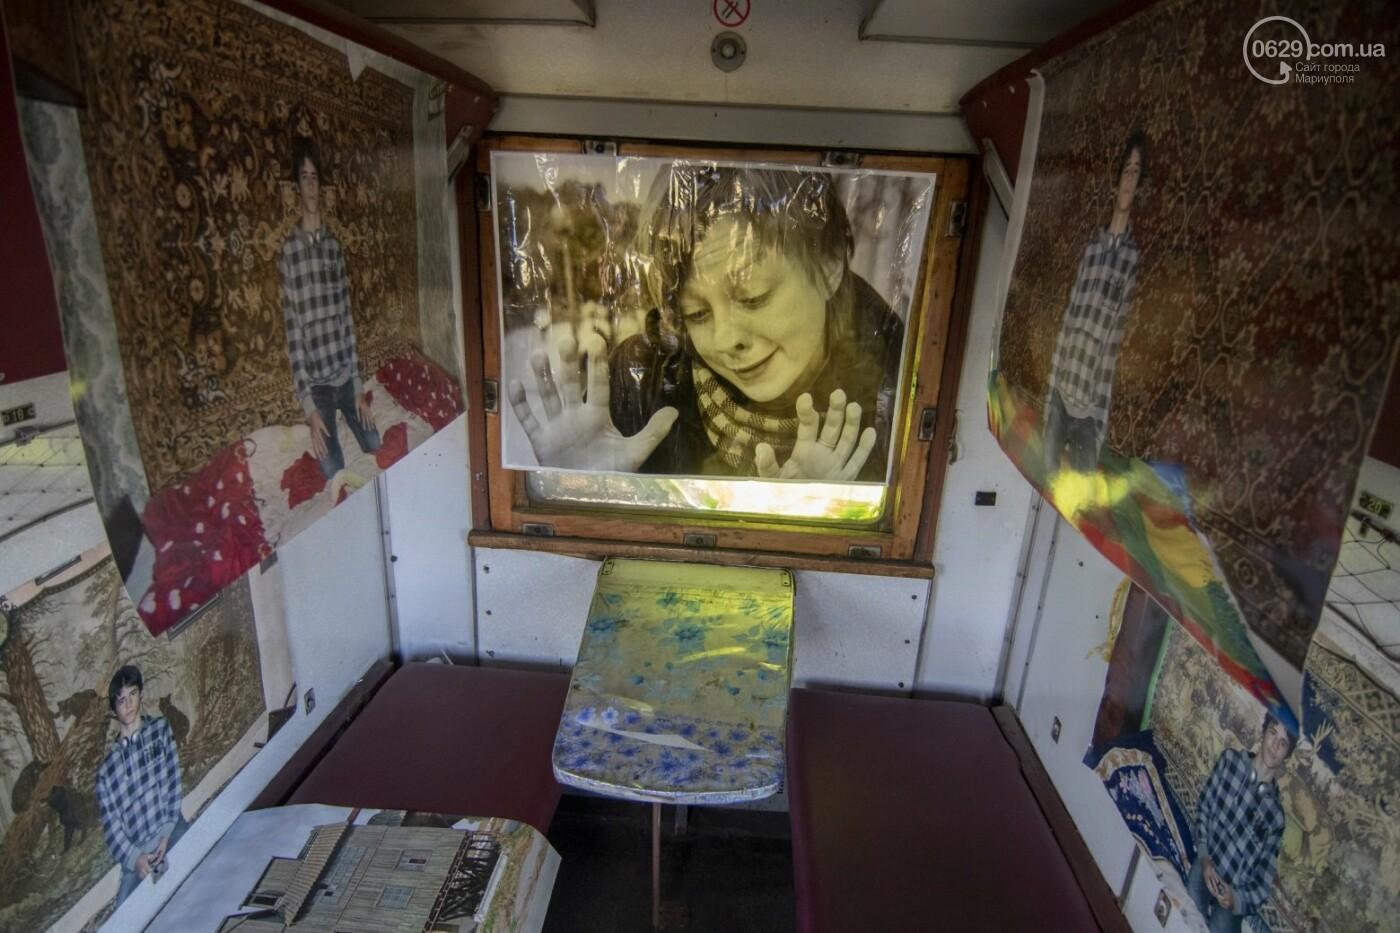 Во что превратили художники старый железнодорожный состав в Мариуполе. 33 фотографии! , фото-10